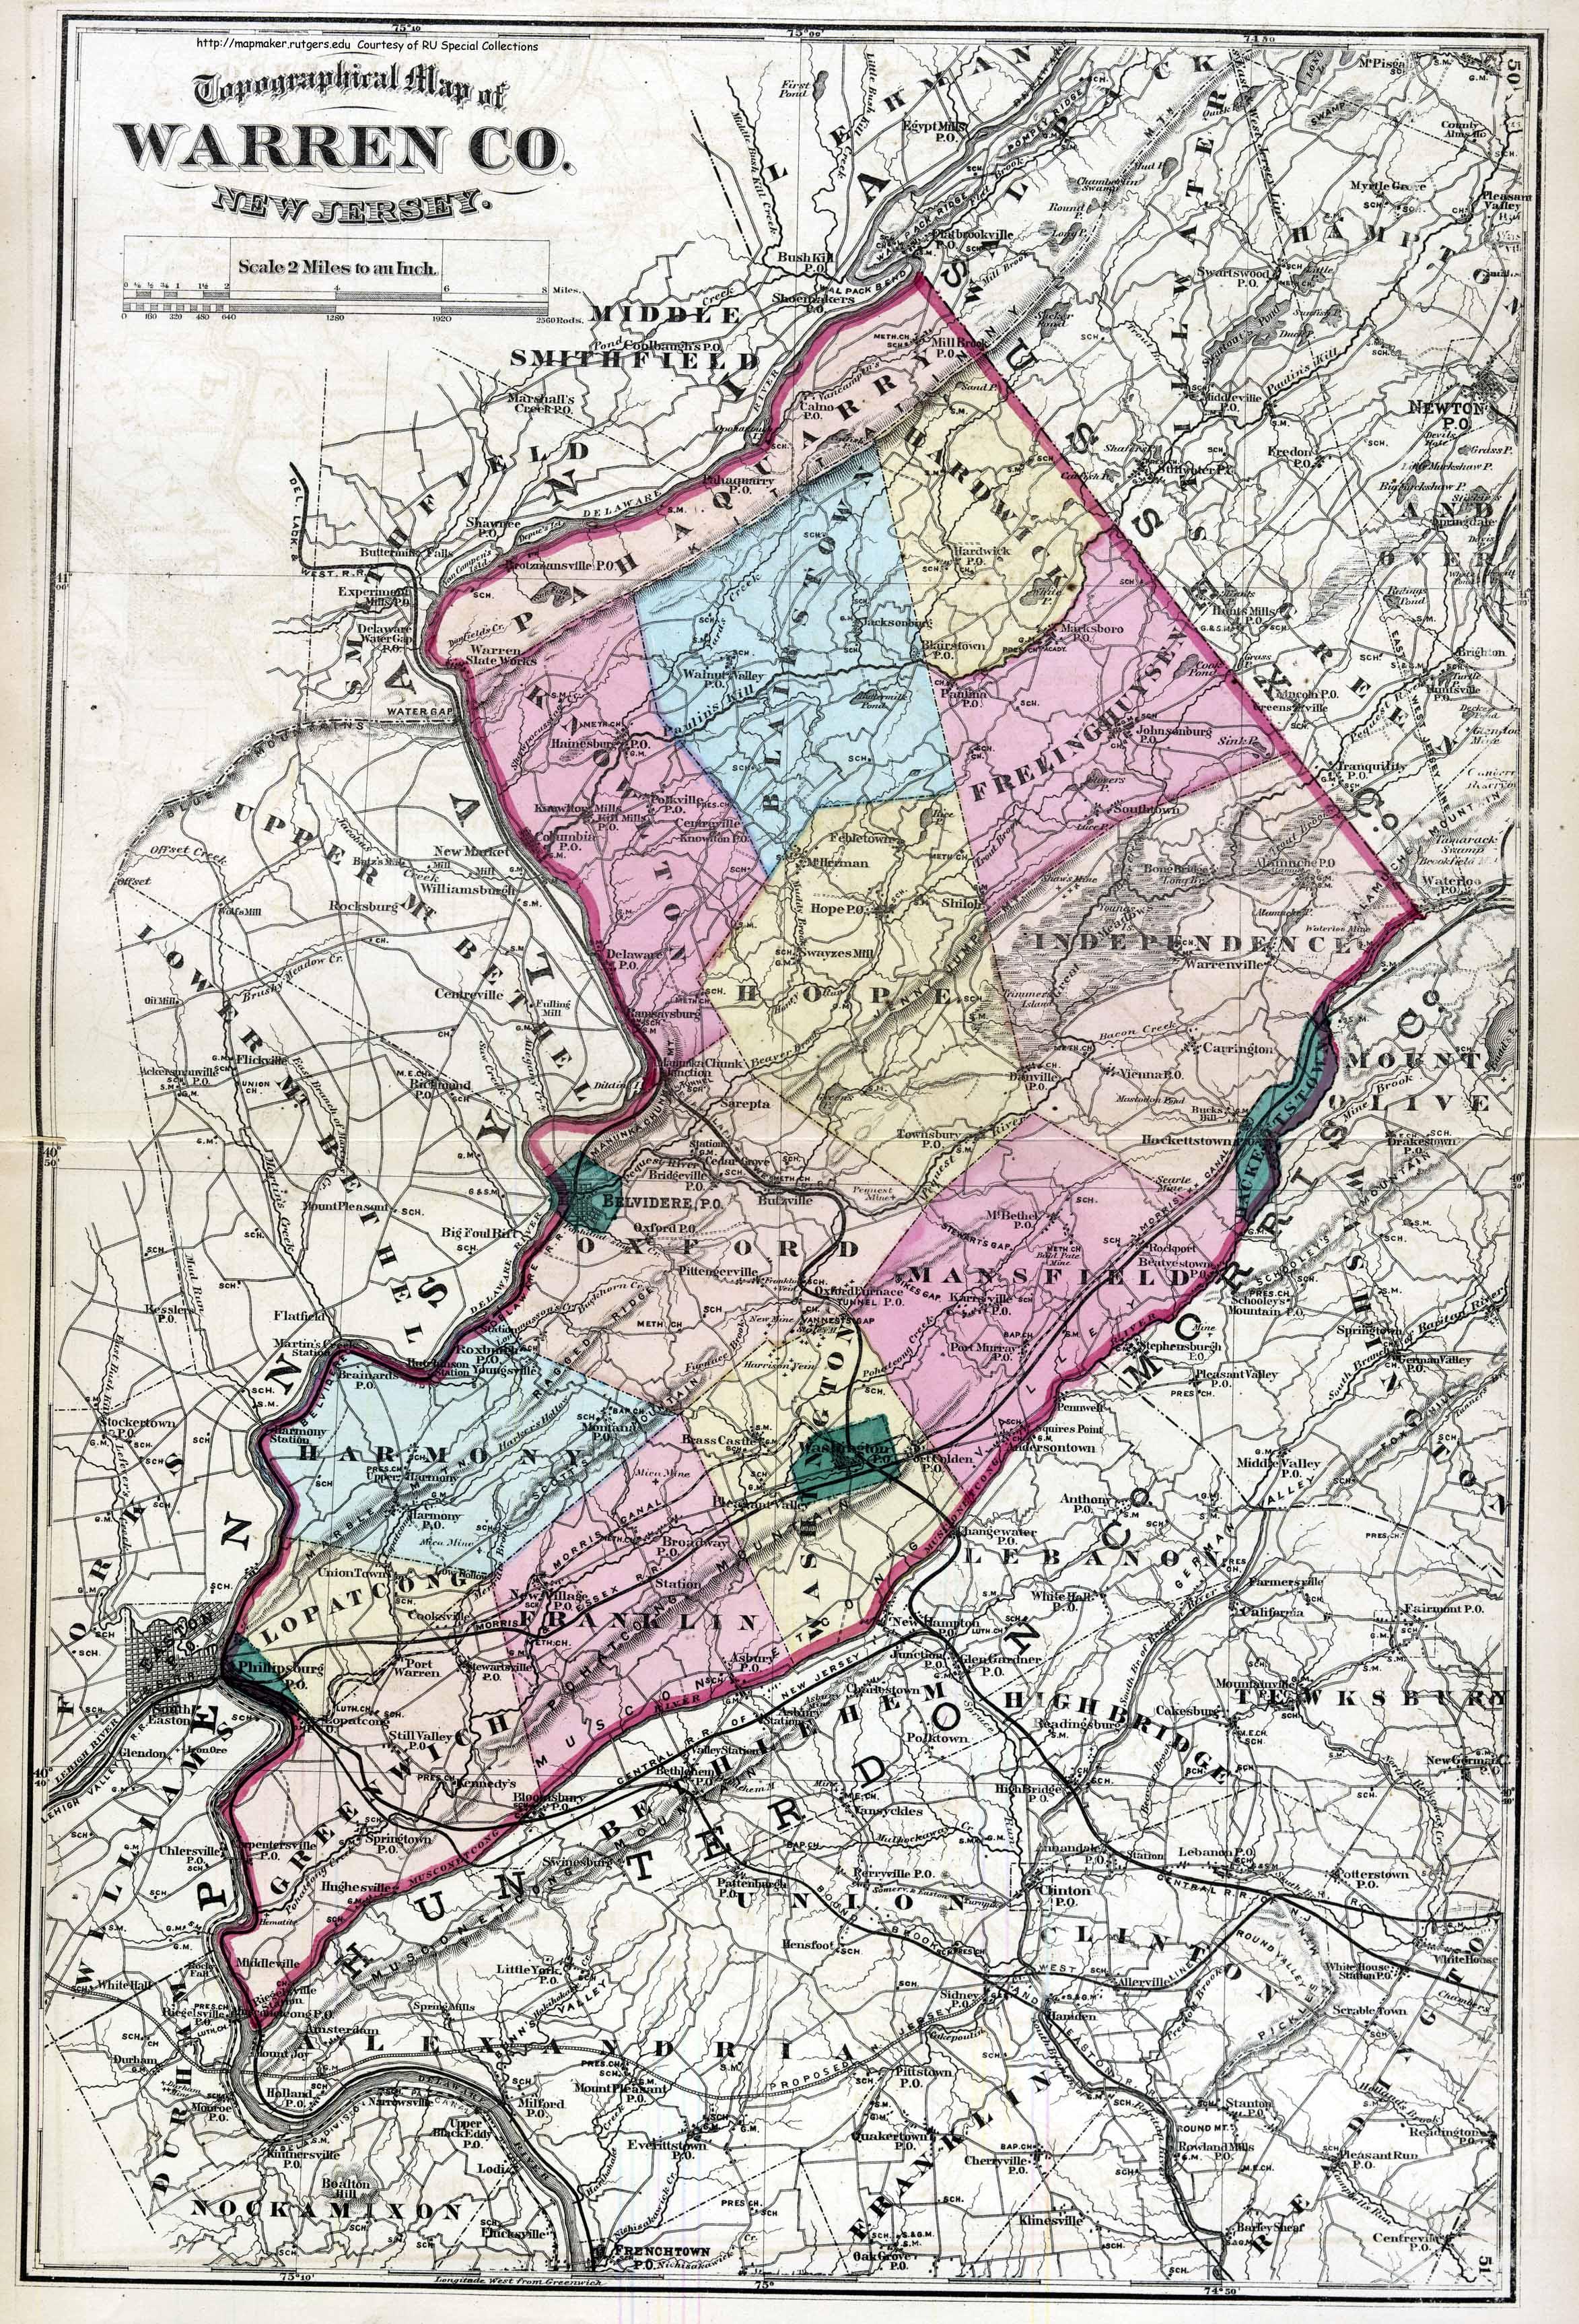 Warren Nj Map Historical Warren County, New Jersey Maps Warren Nj Map